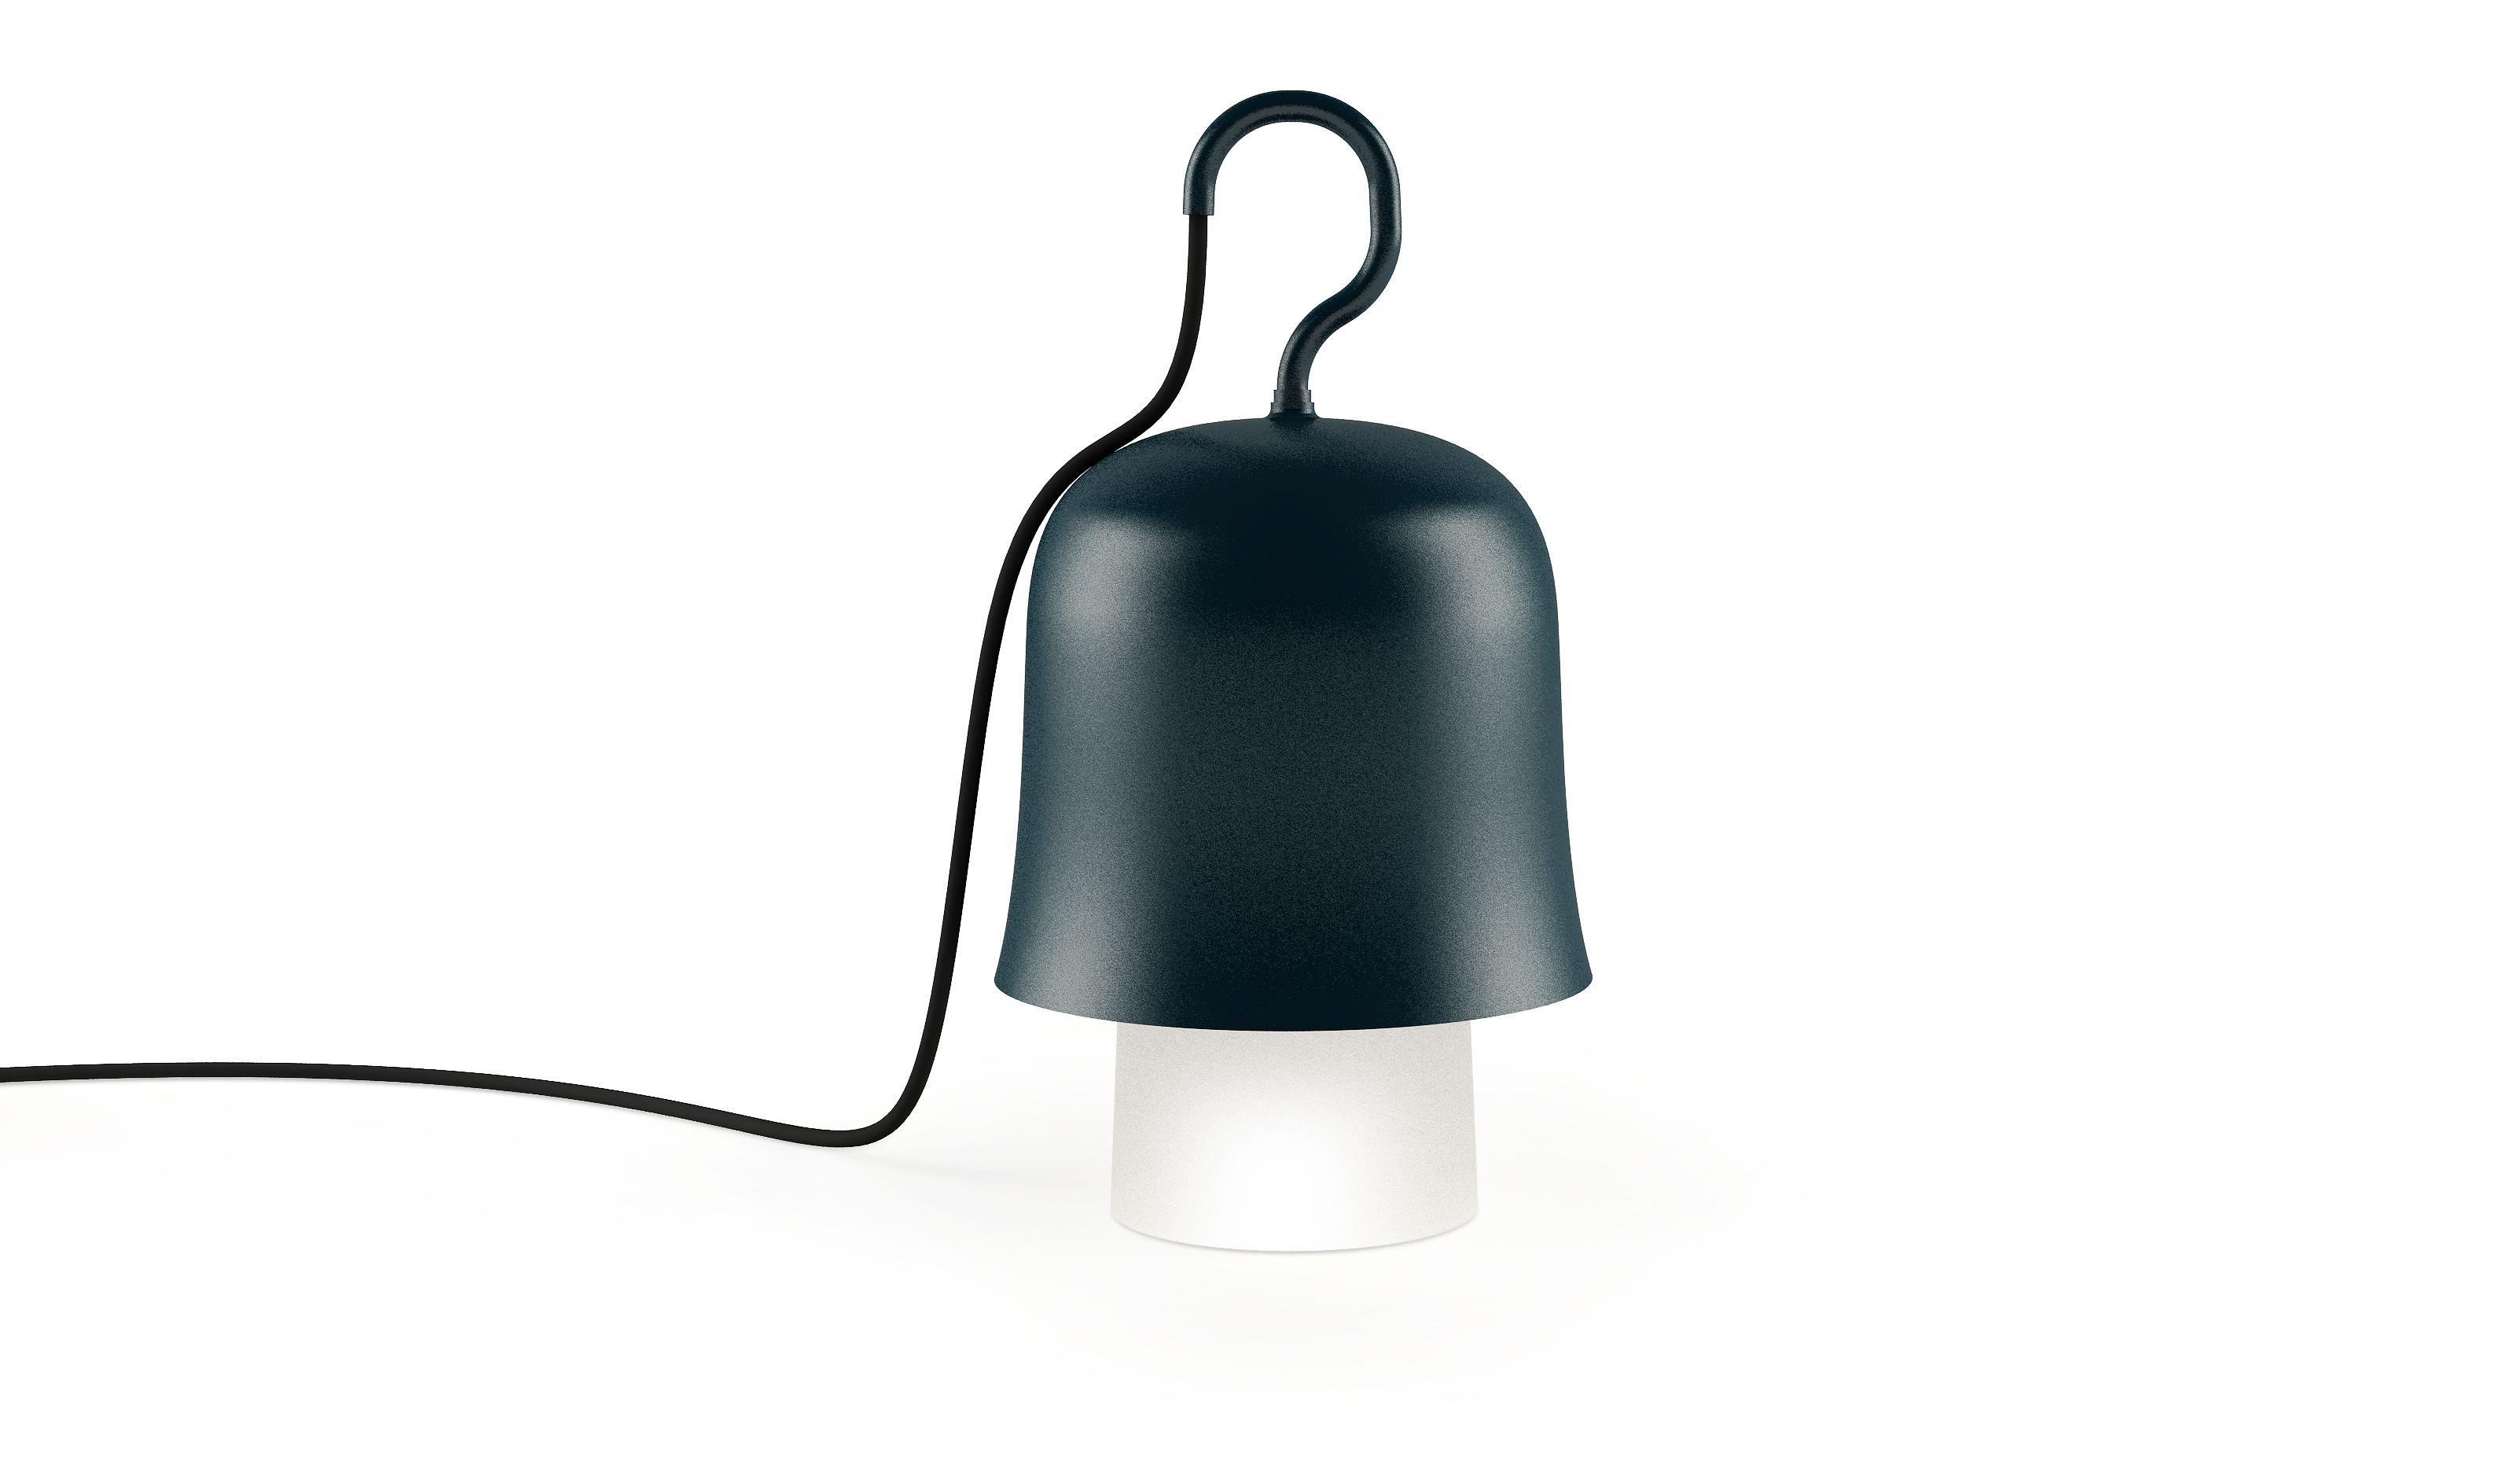 butler lampe kr 500 lamps pinterest butler. Black Bedroom Furniture Sets. Home Design Ideas